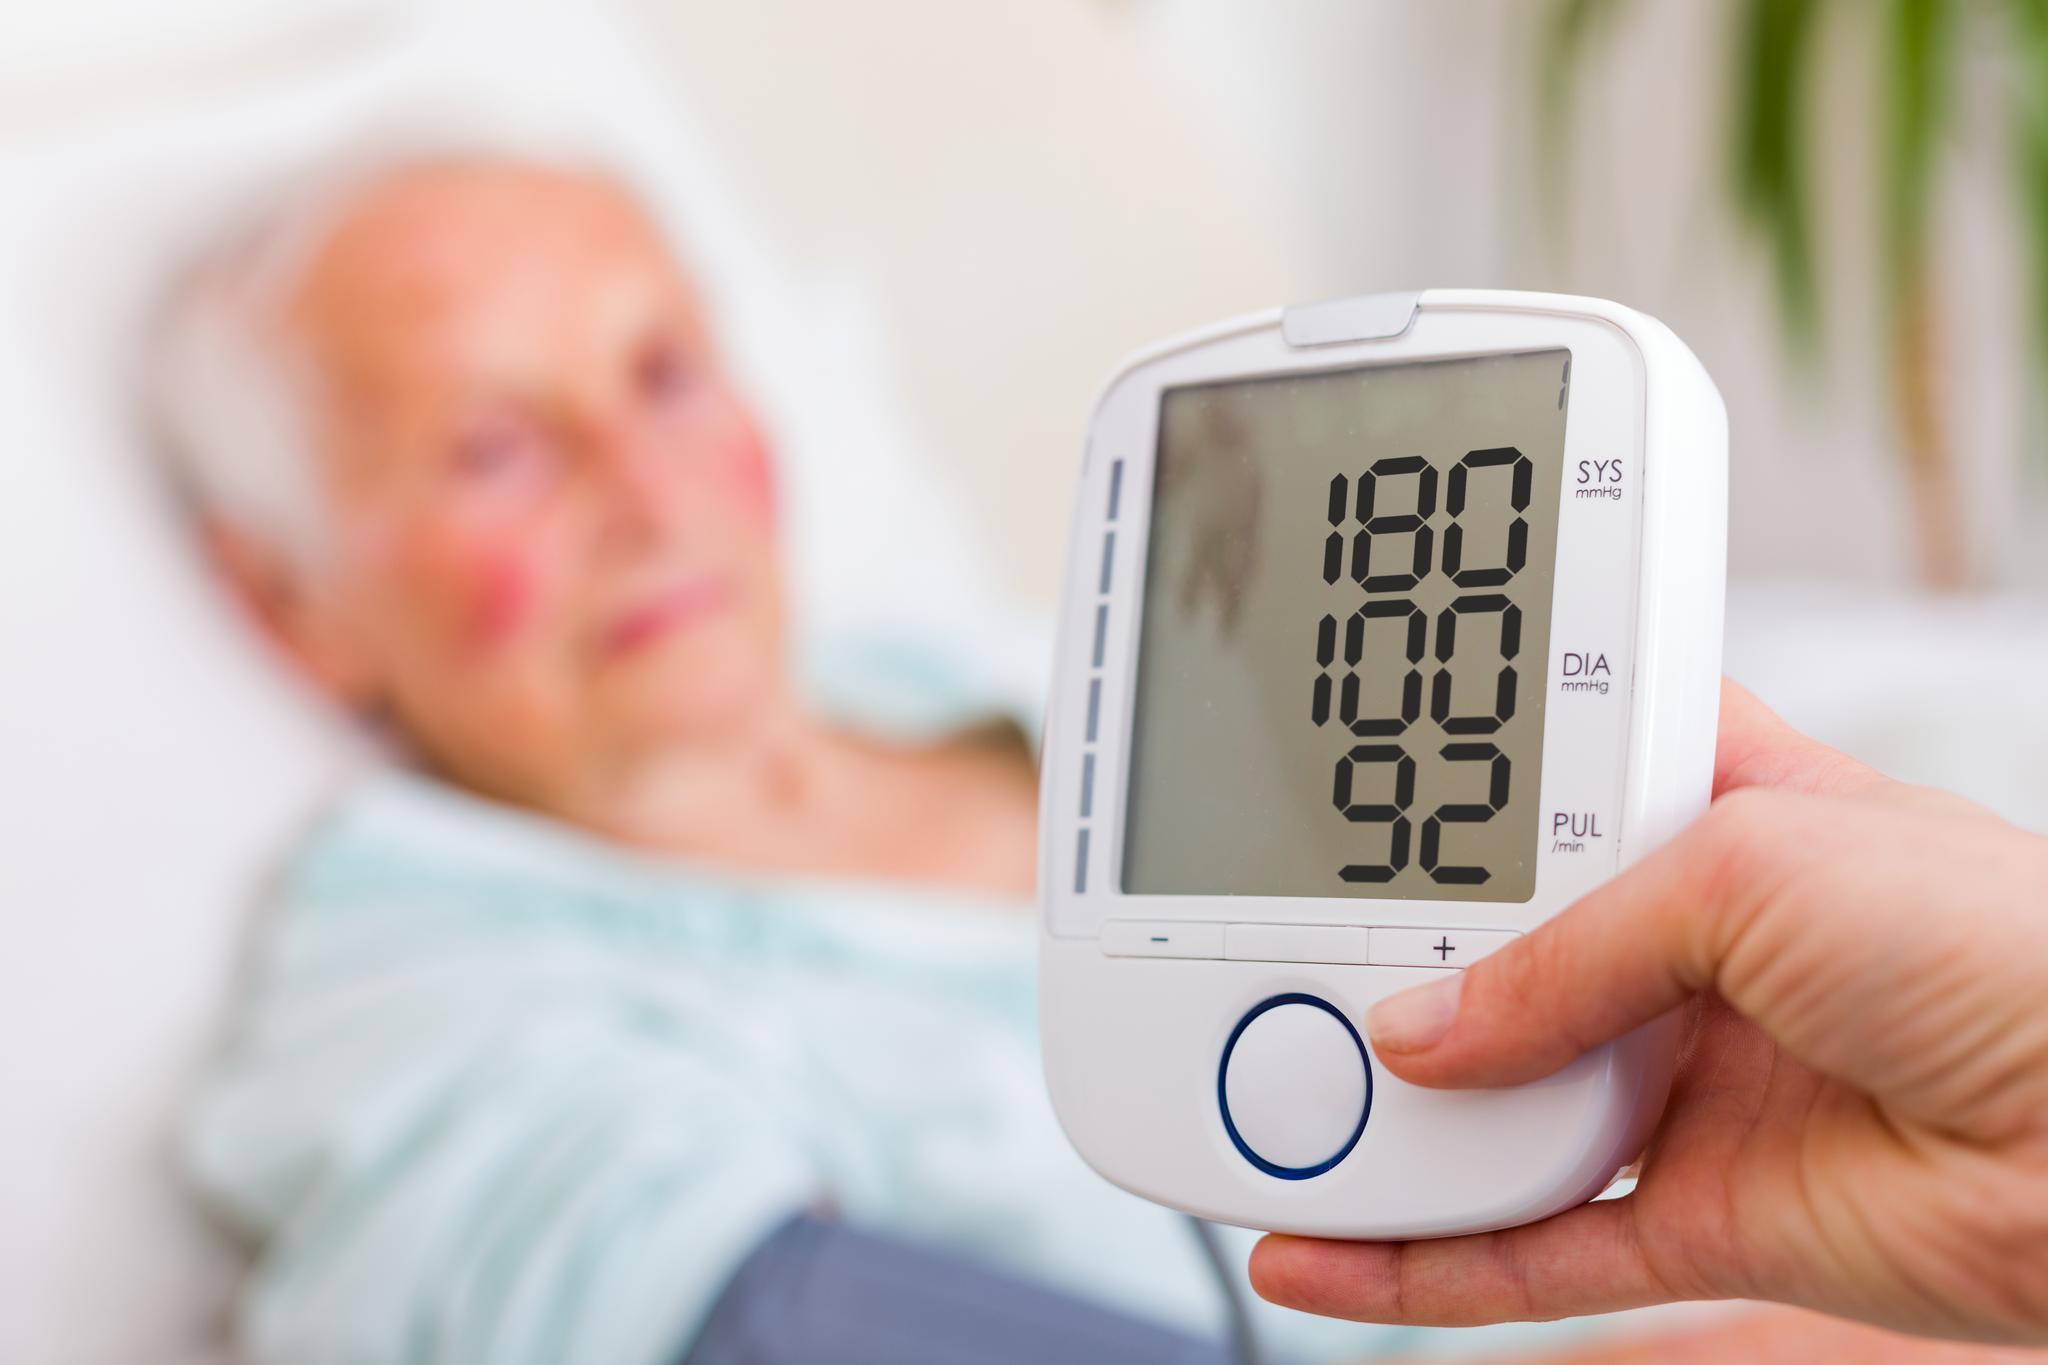 magas vérnyomás és vércsoport étrendi ajánlások magas vérnyomás esetén